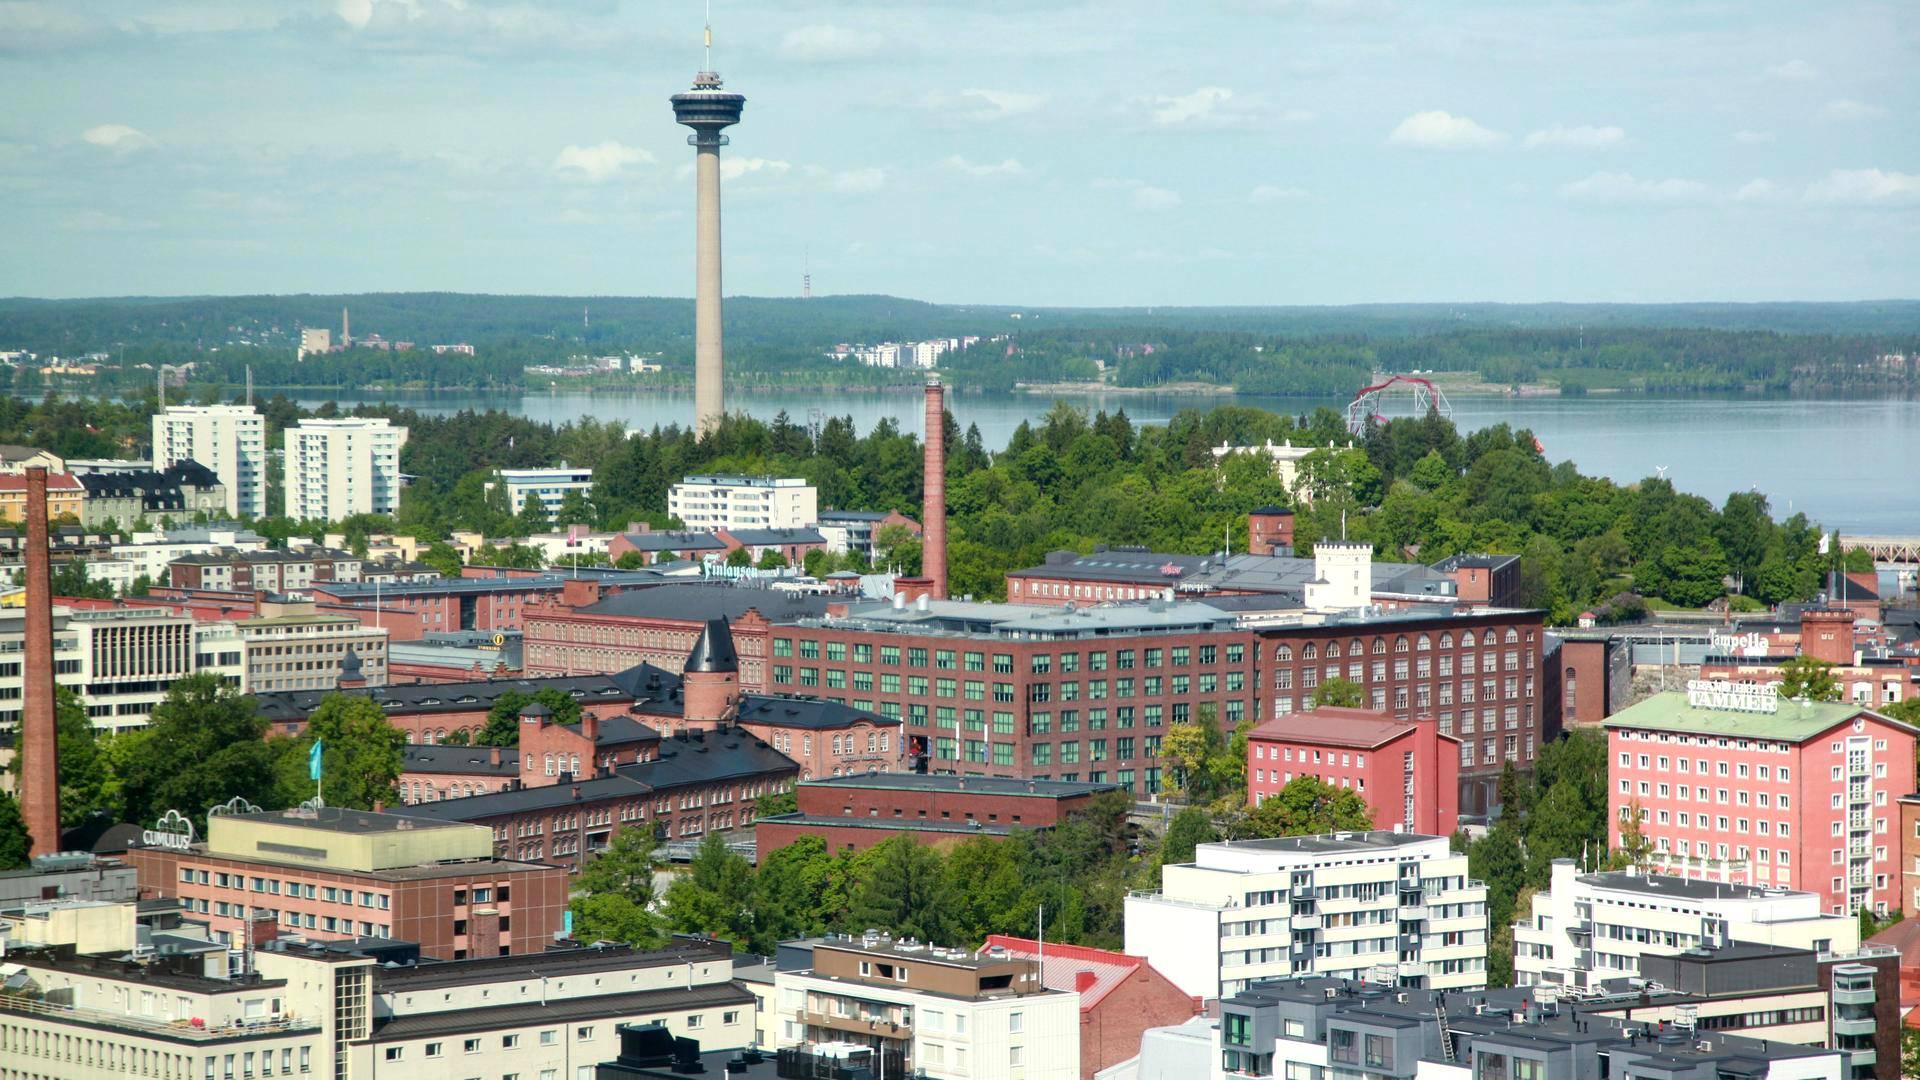 Sähköposti Tampere